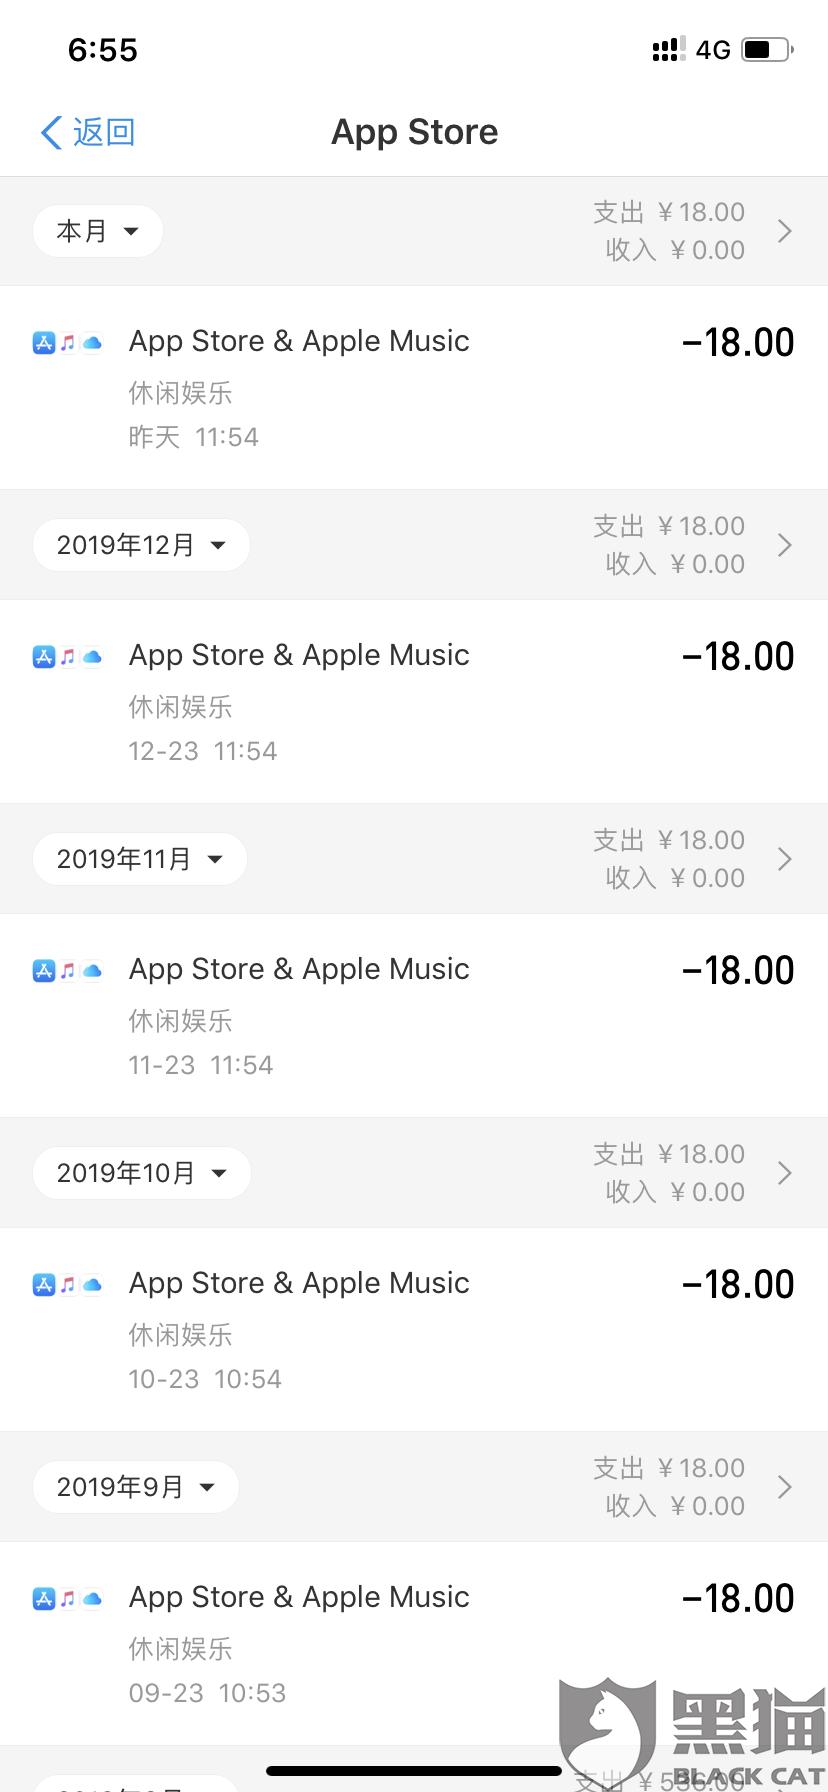 黑猫投诉:苹果手机市场已经取消芒果TV自动续费选项,每月还按月扣费